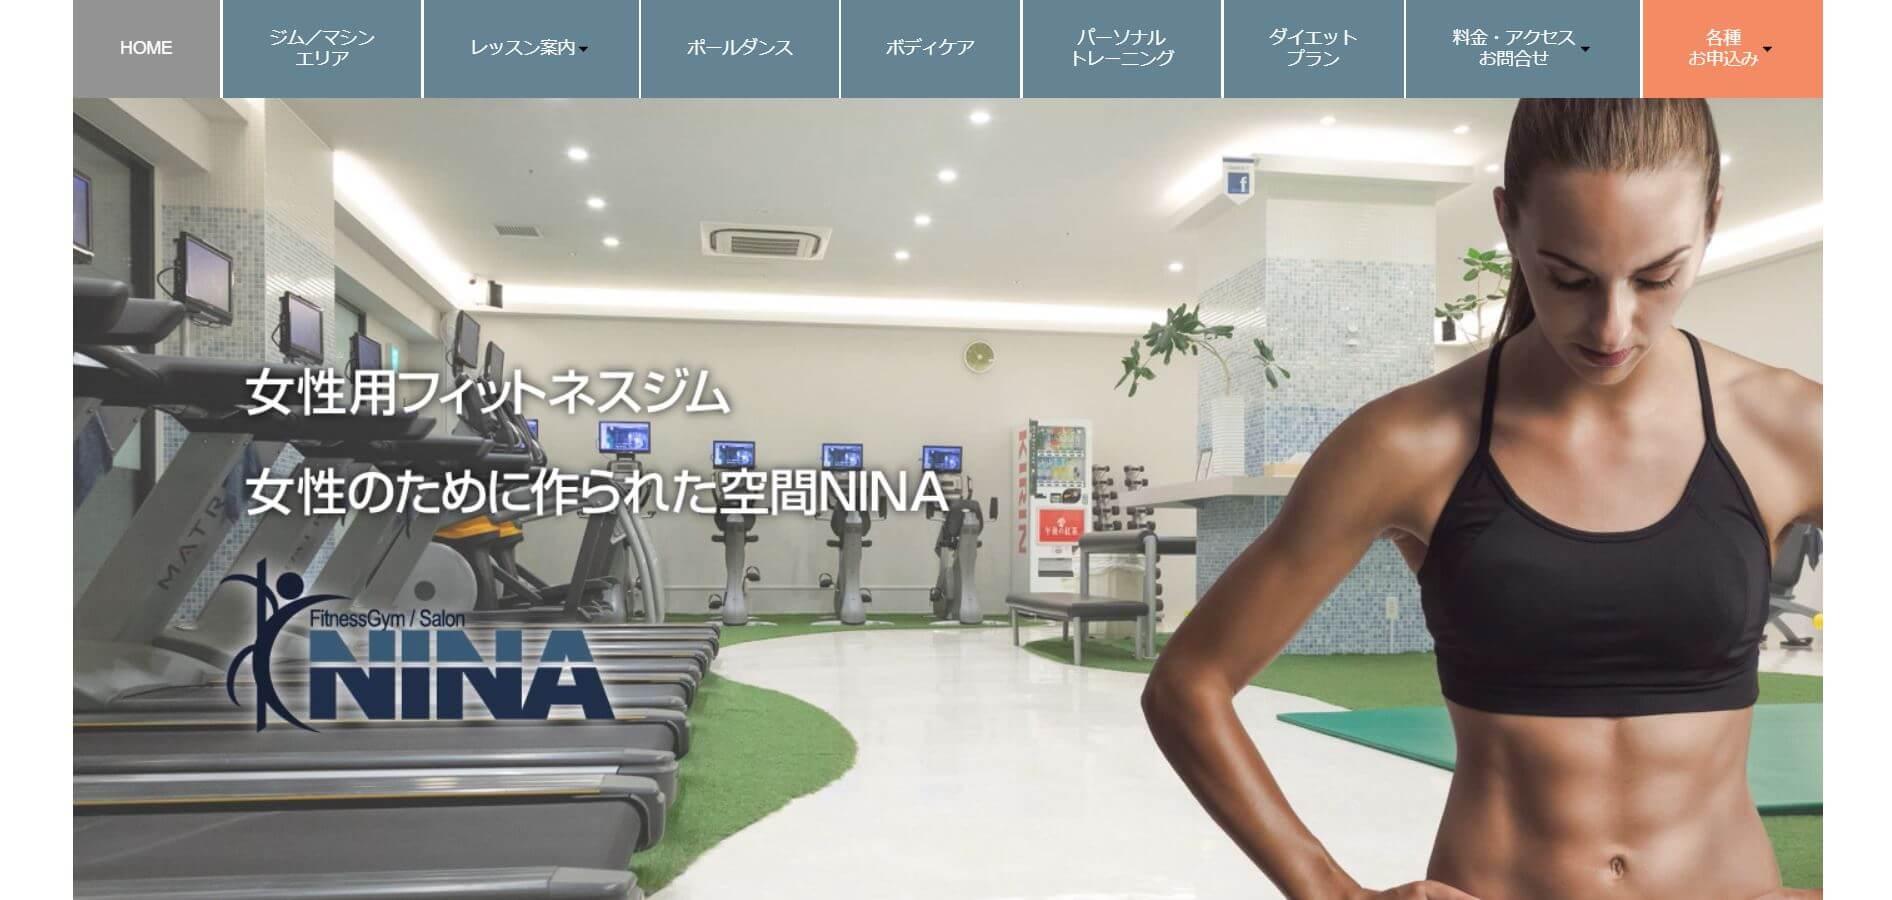 FitnessGym/Salon NINA(フィットネスジム・サロンNINA)